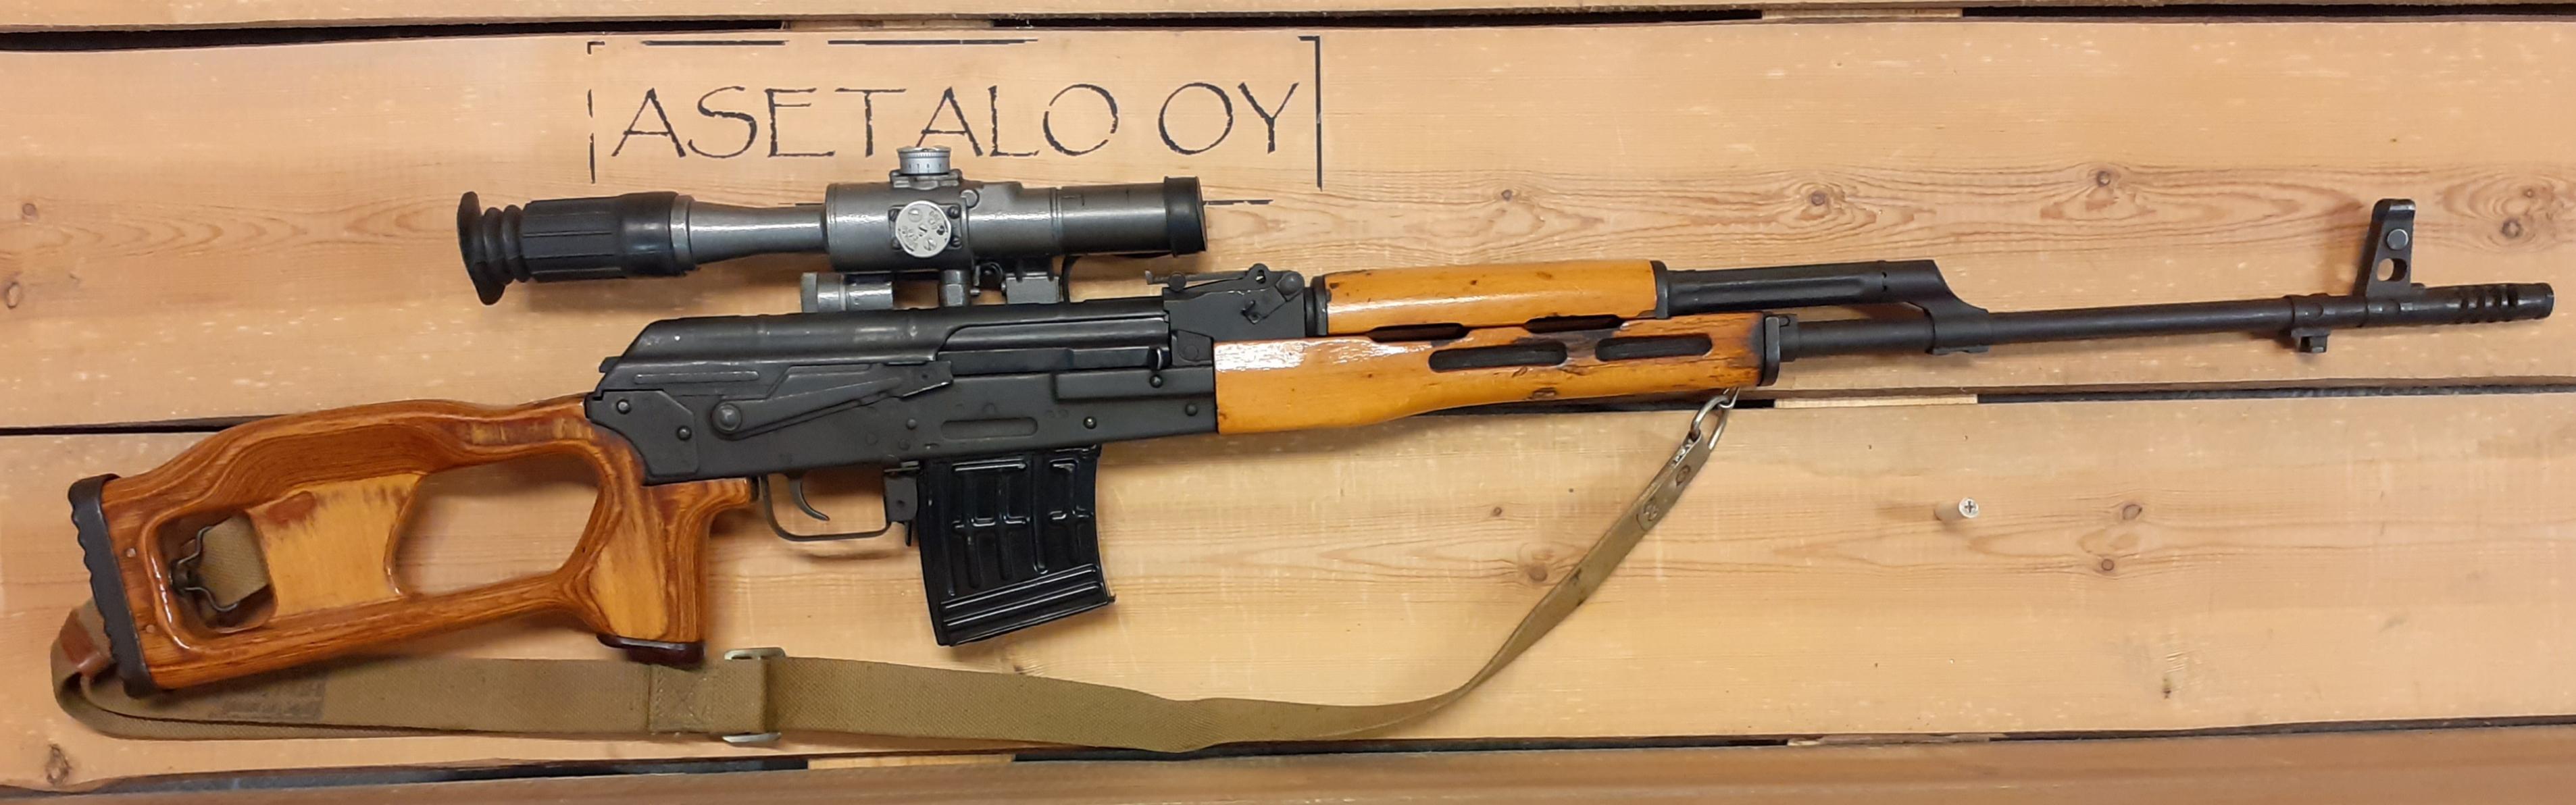 7 62x53r Kivääri